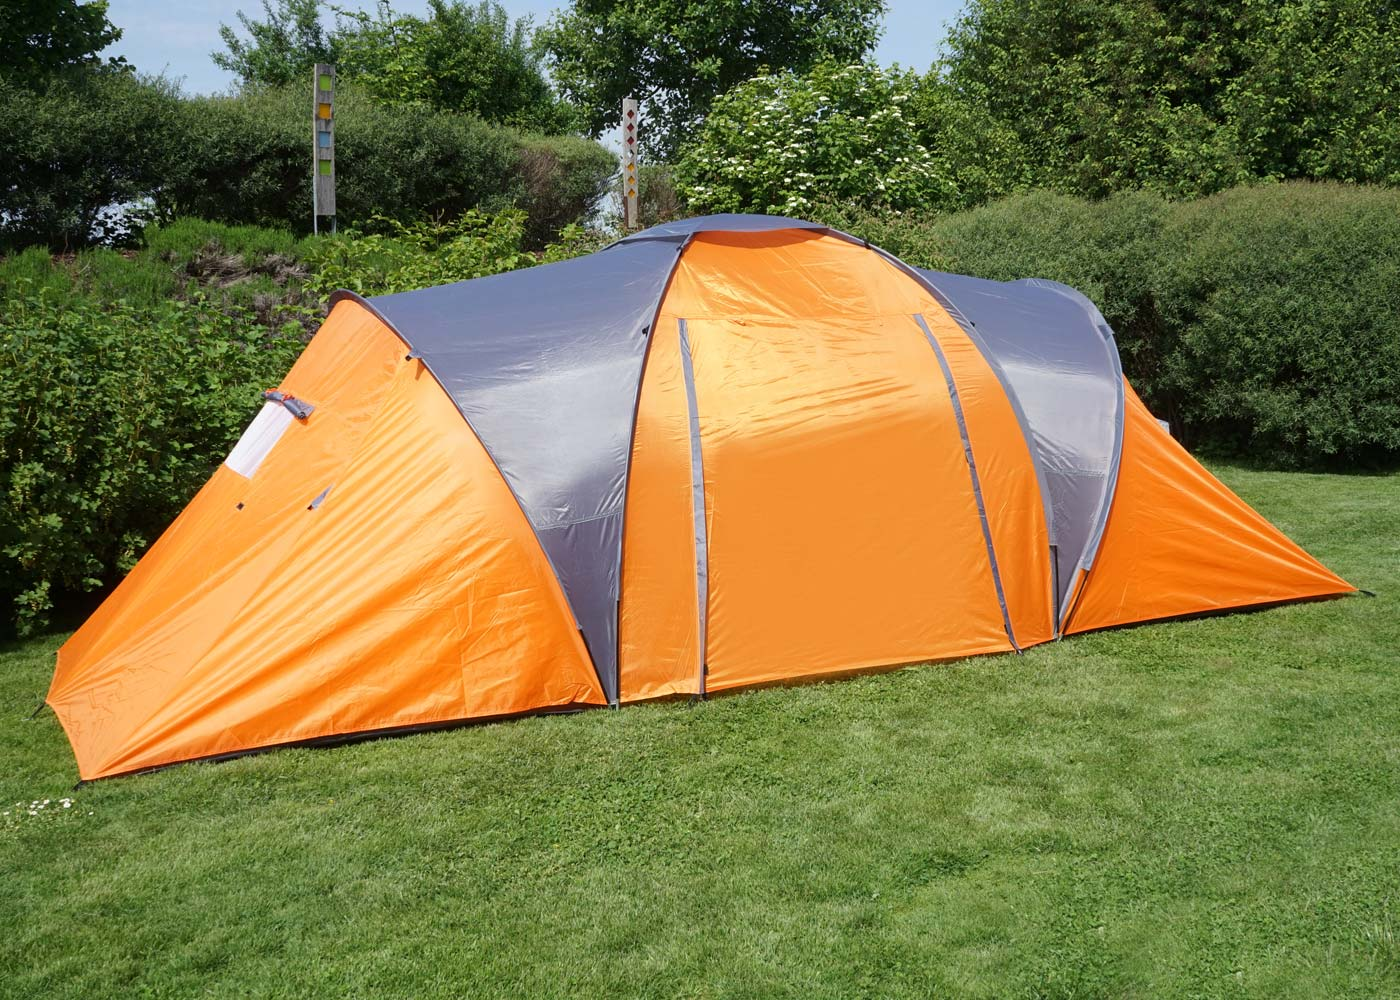 Campingzelt Loksa 2 Personen orange 2-Mann Kuppelzelt Igluzelt Festival-Zelt